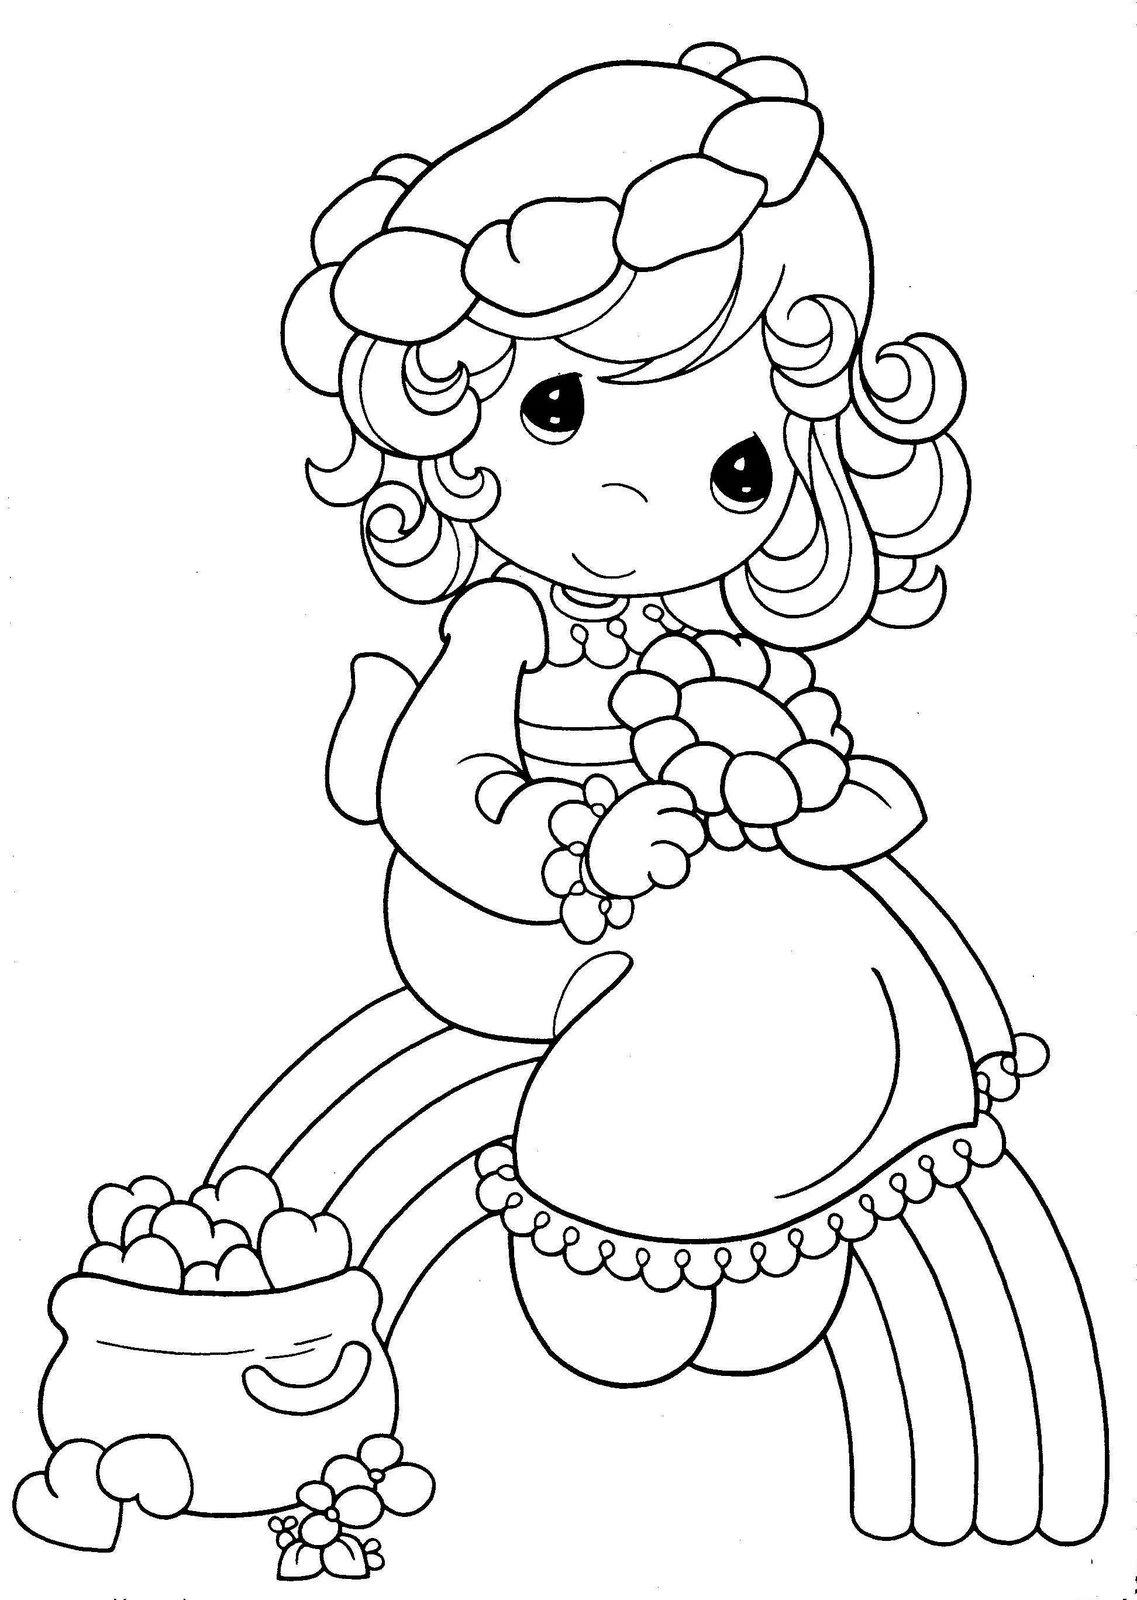 Dibujos para imprimir y colorear: Arcoiris para colorear